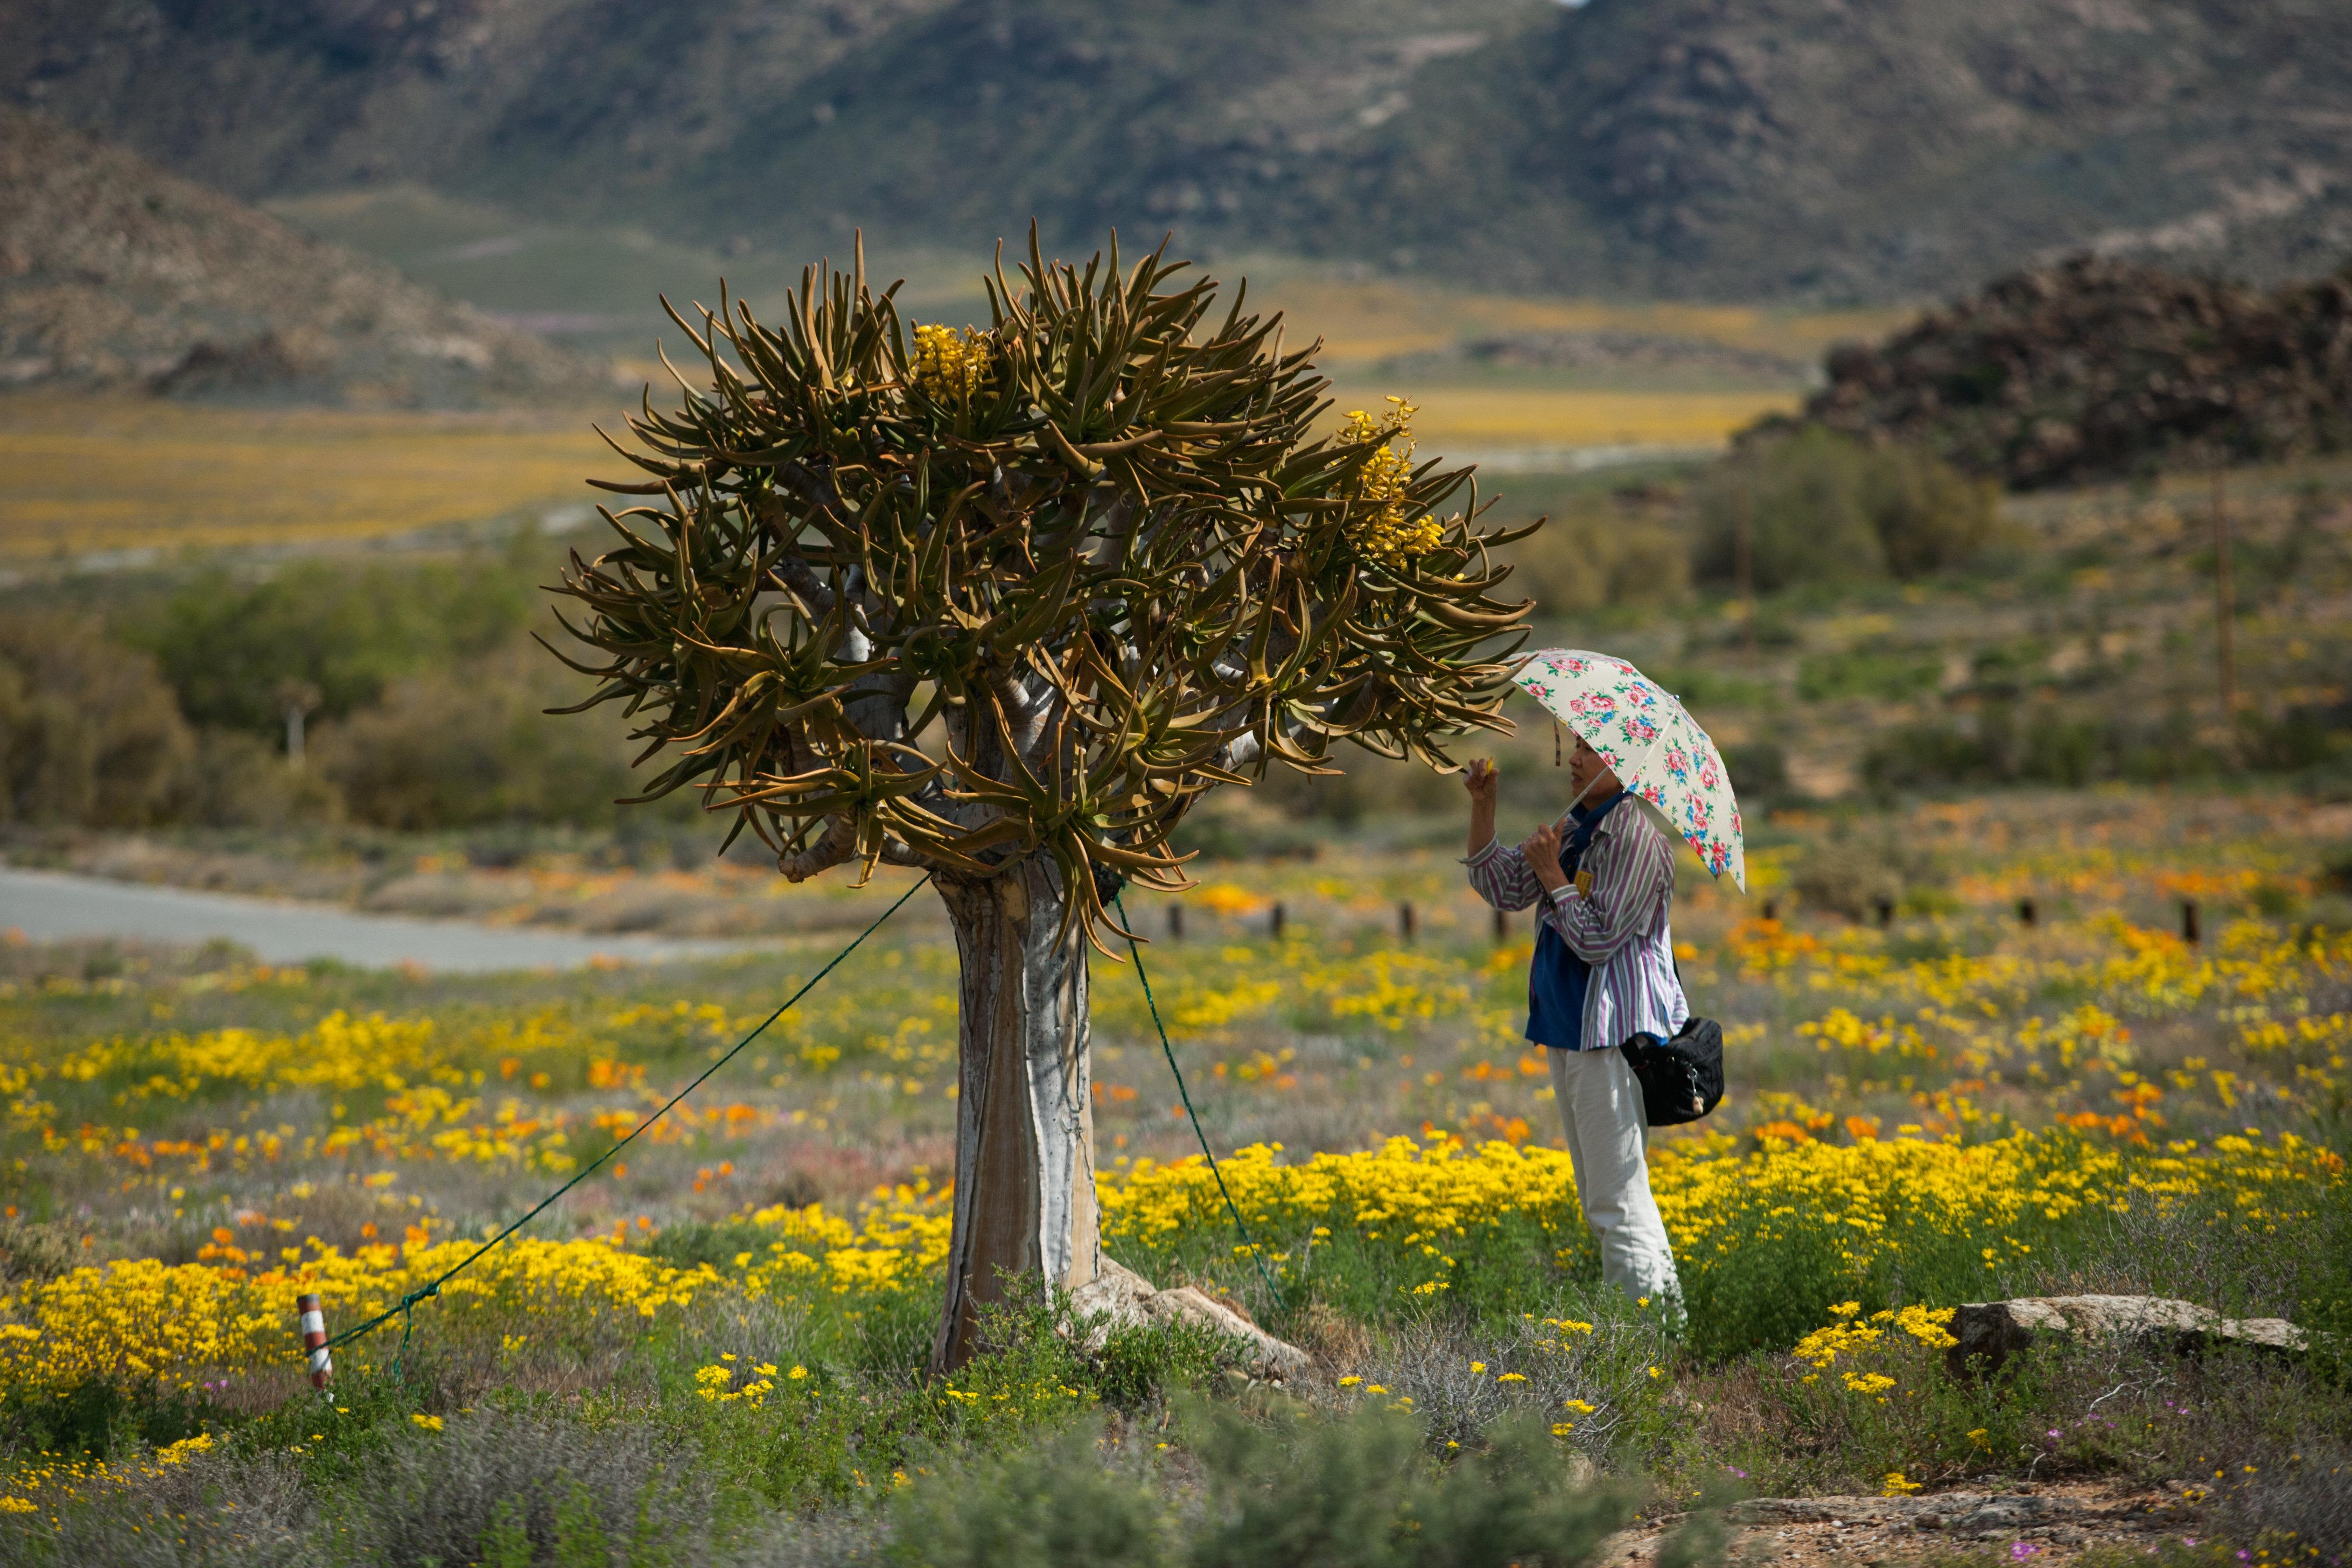 In Sudafrica lo spettacolo del deserto che fiorisce - TgTourism